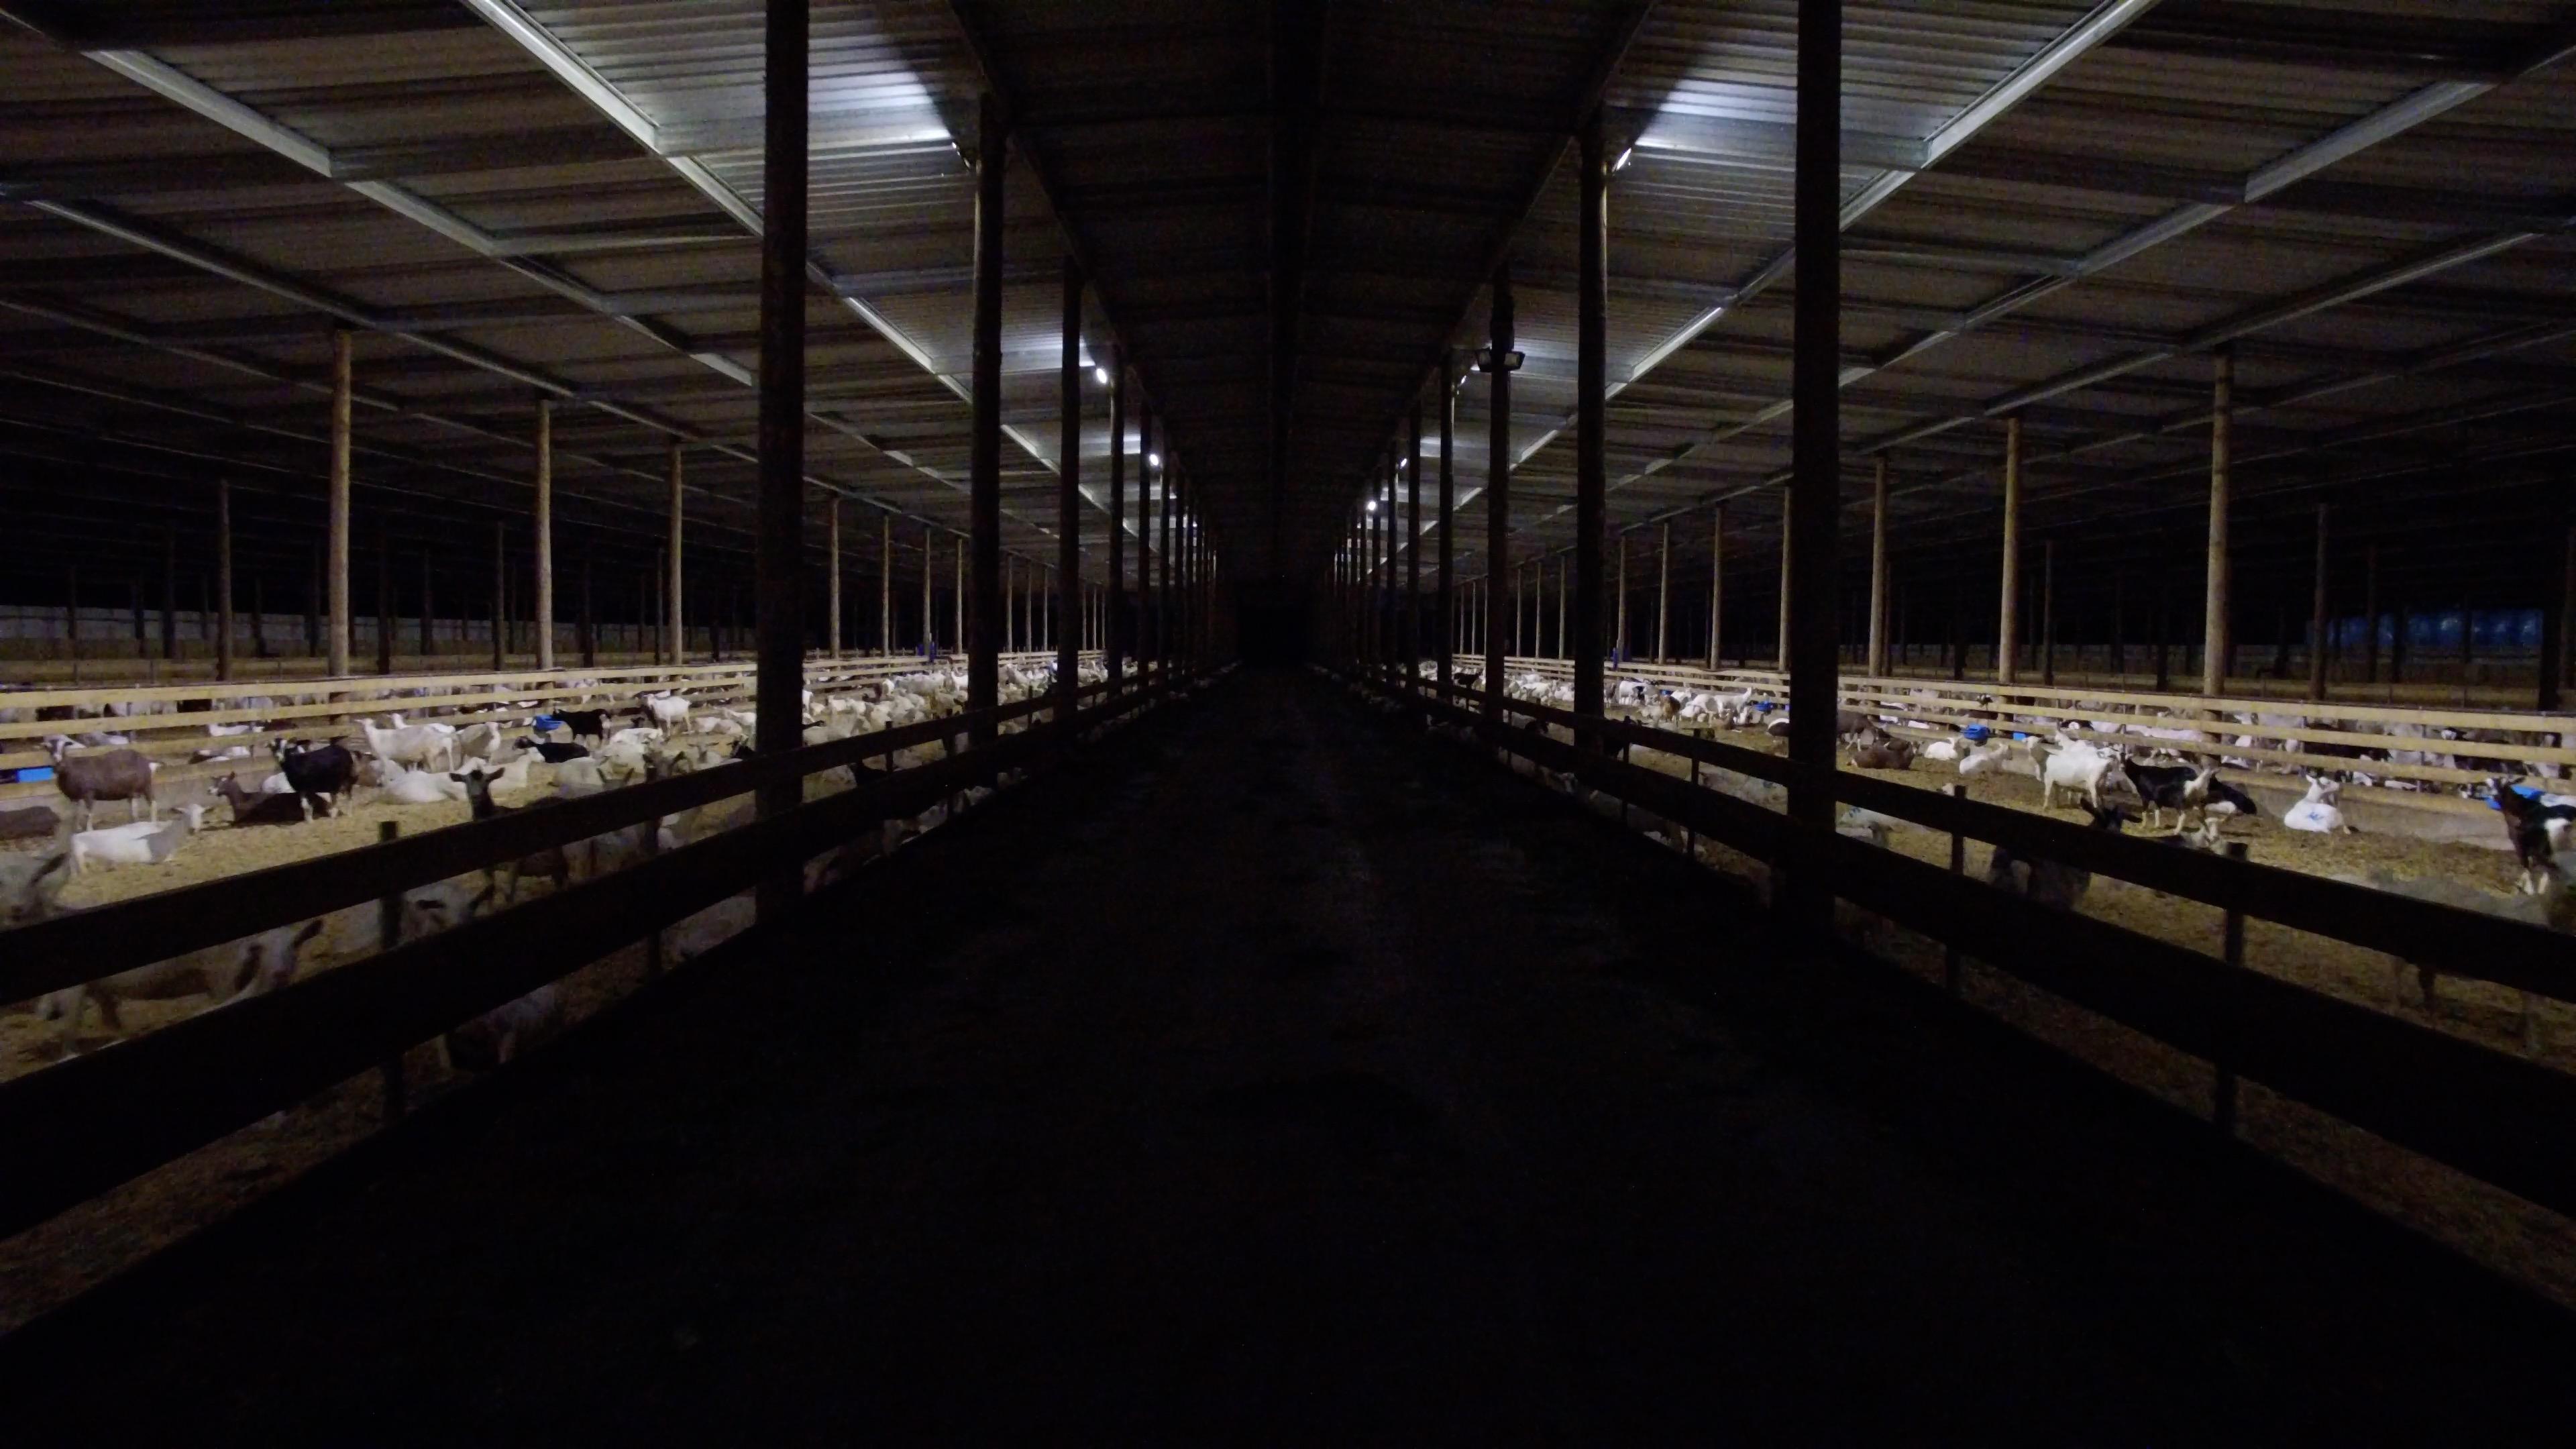 night time barn